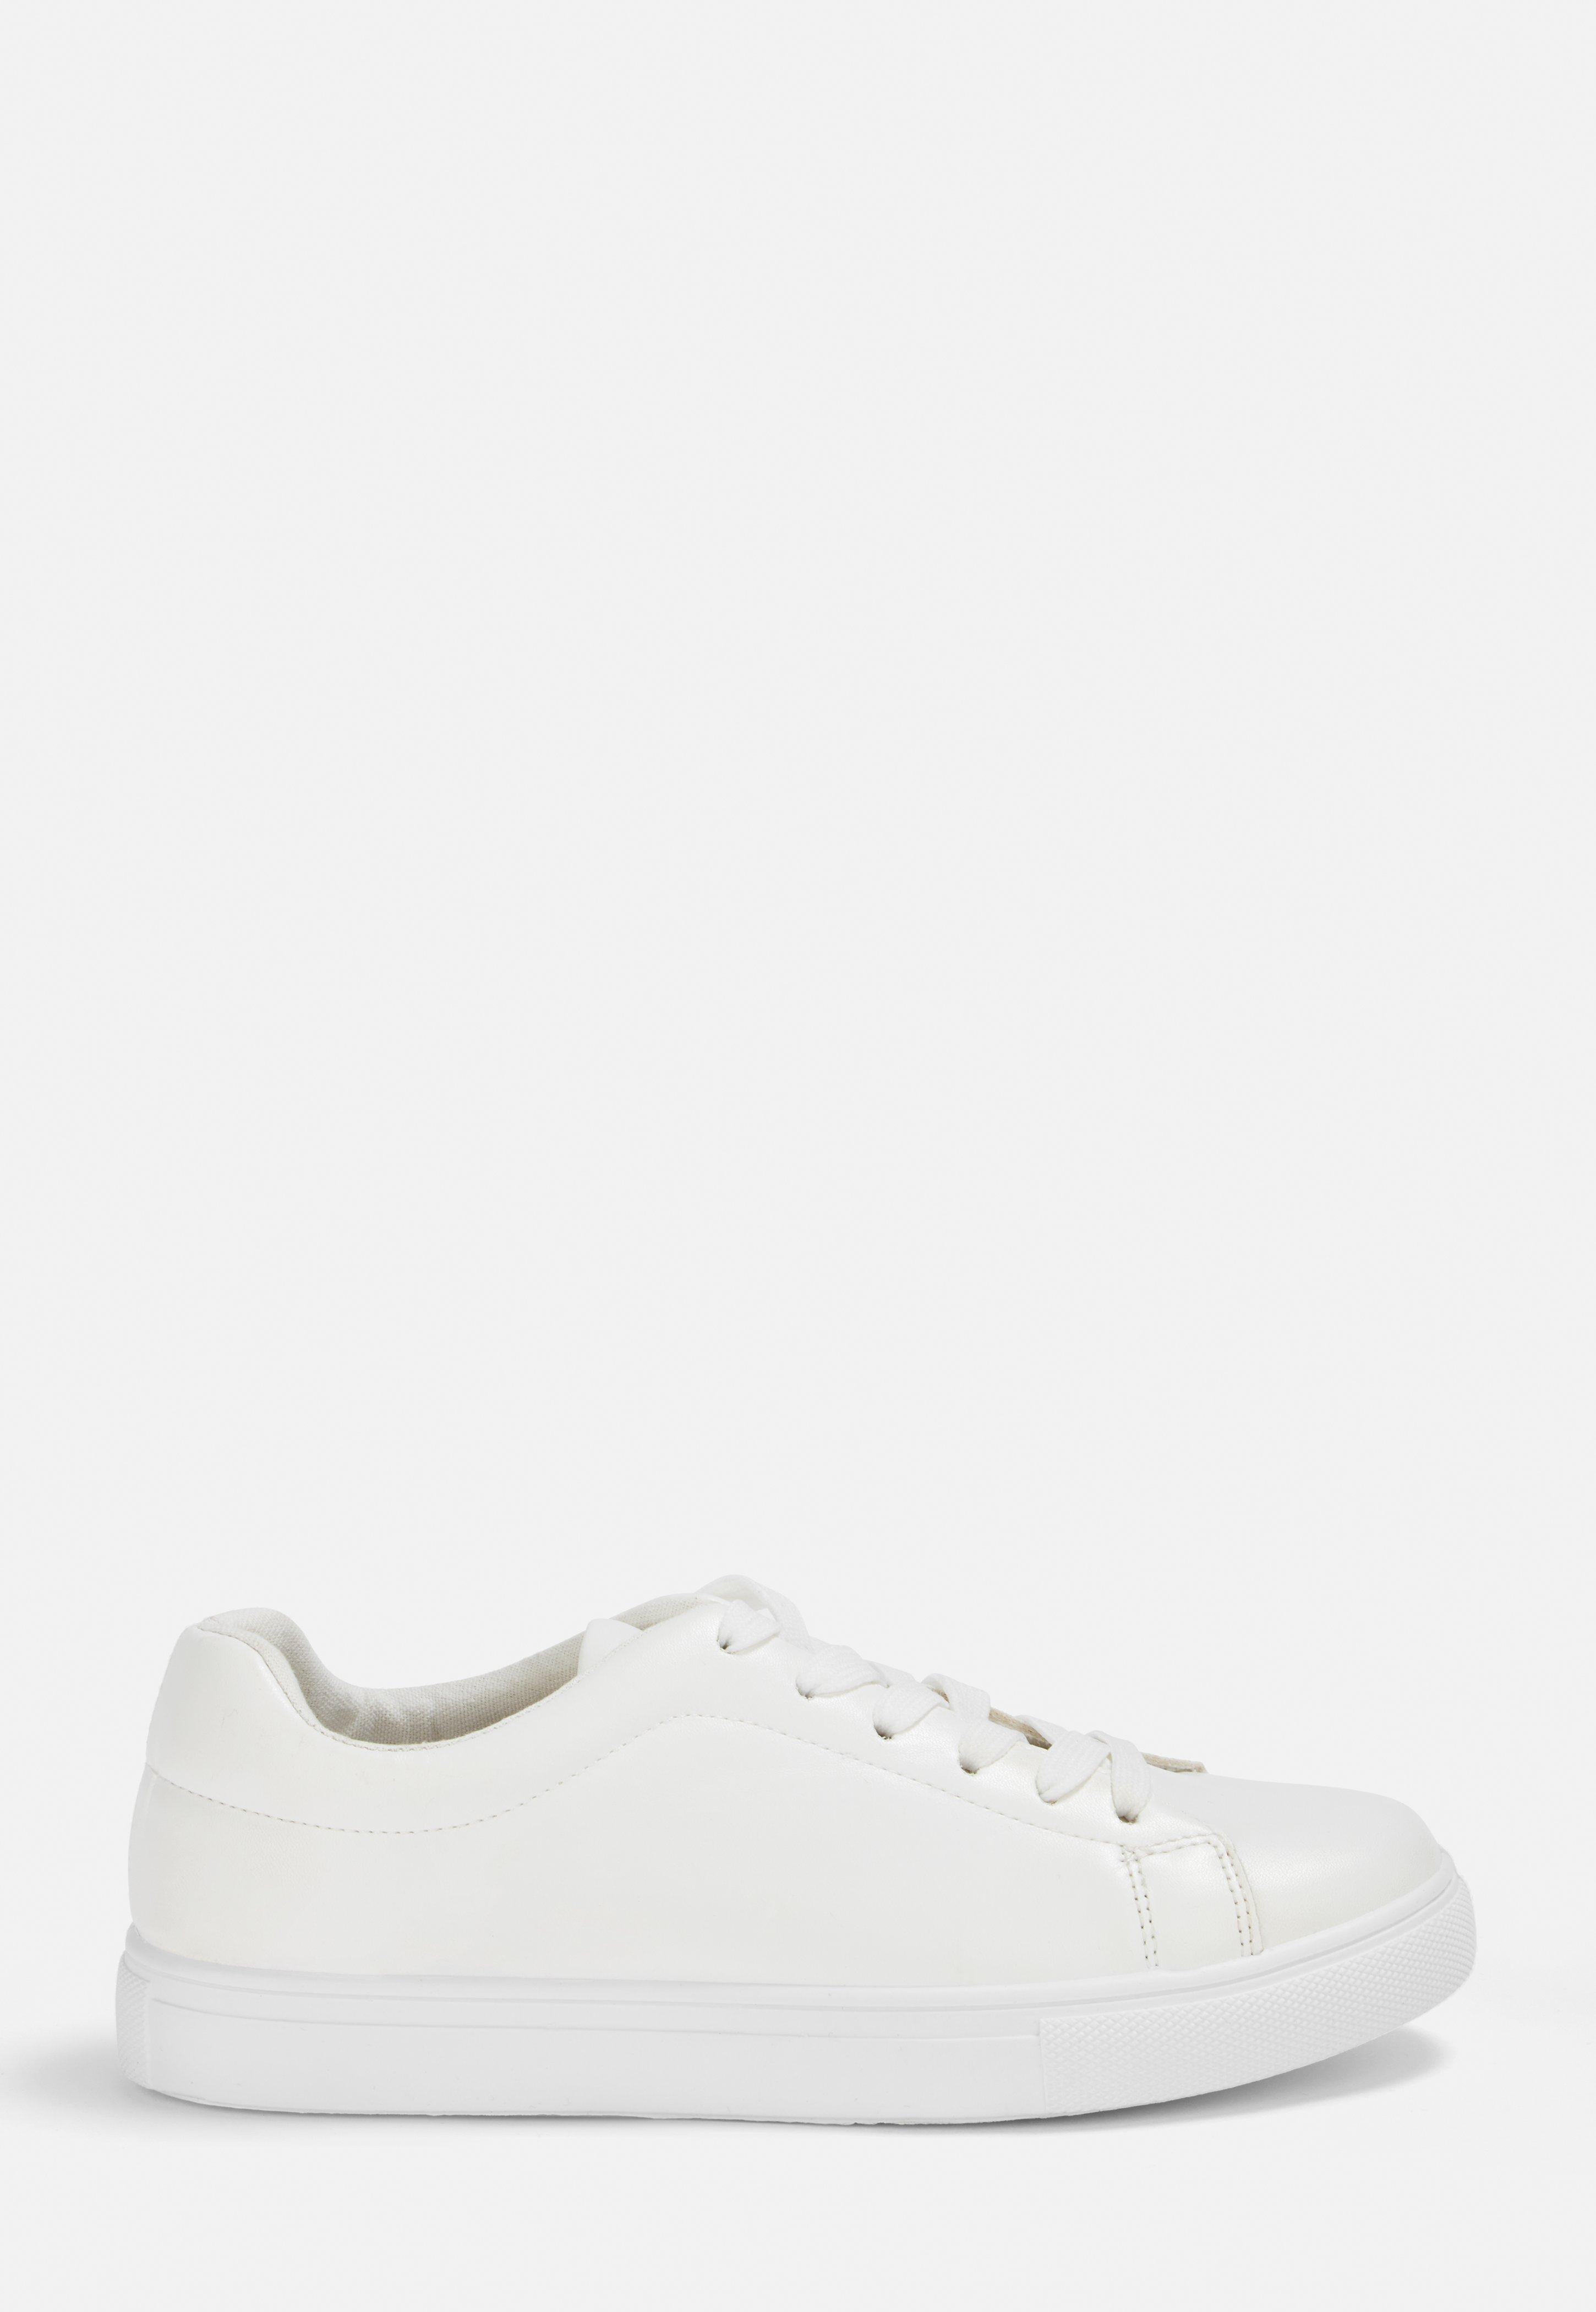 f1fde5f1eb16 Women s Shoes - Shop Women s Footwear Online